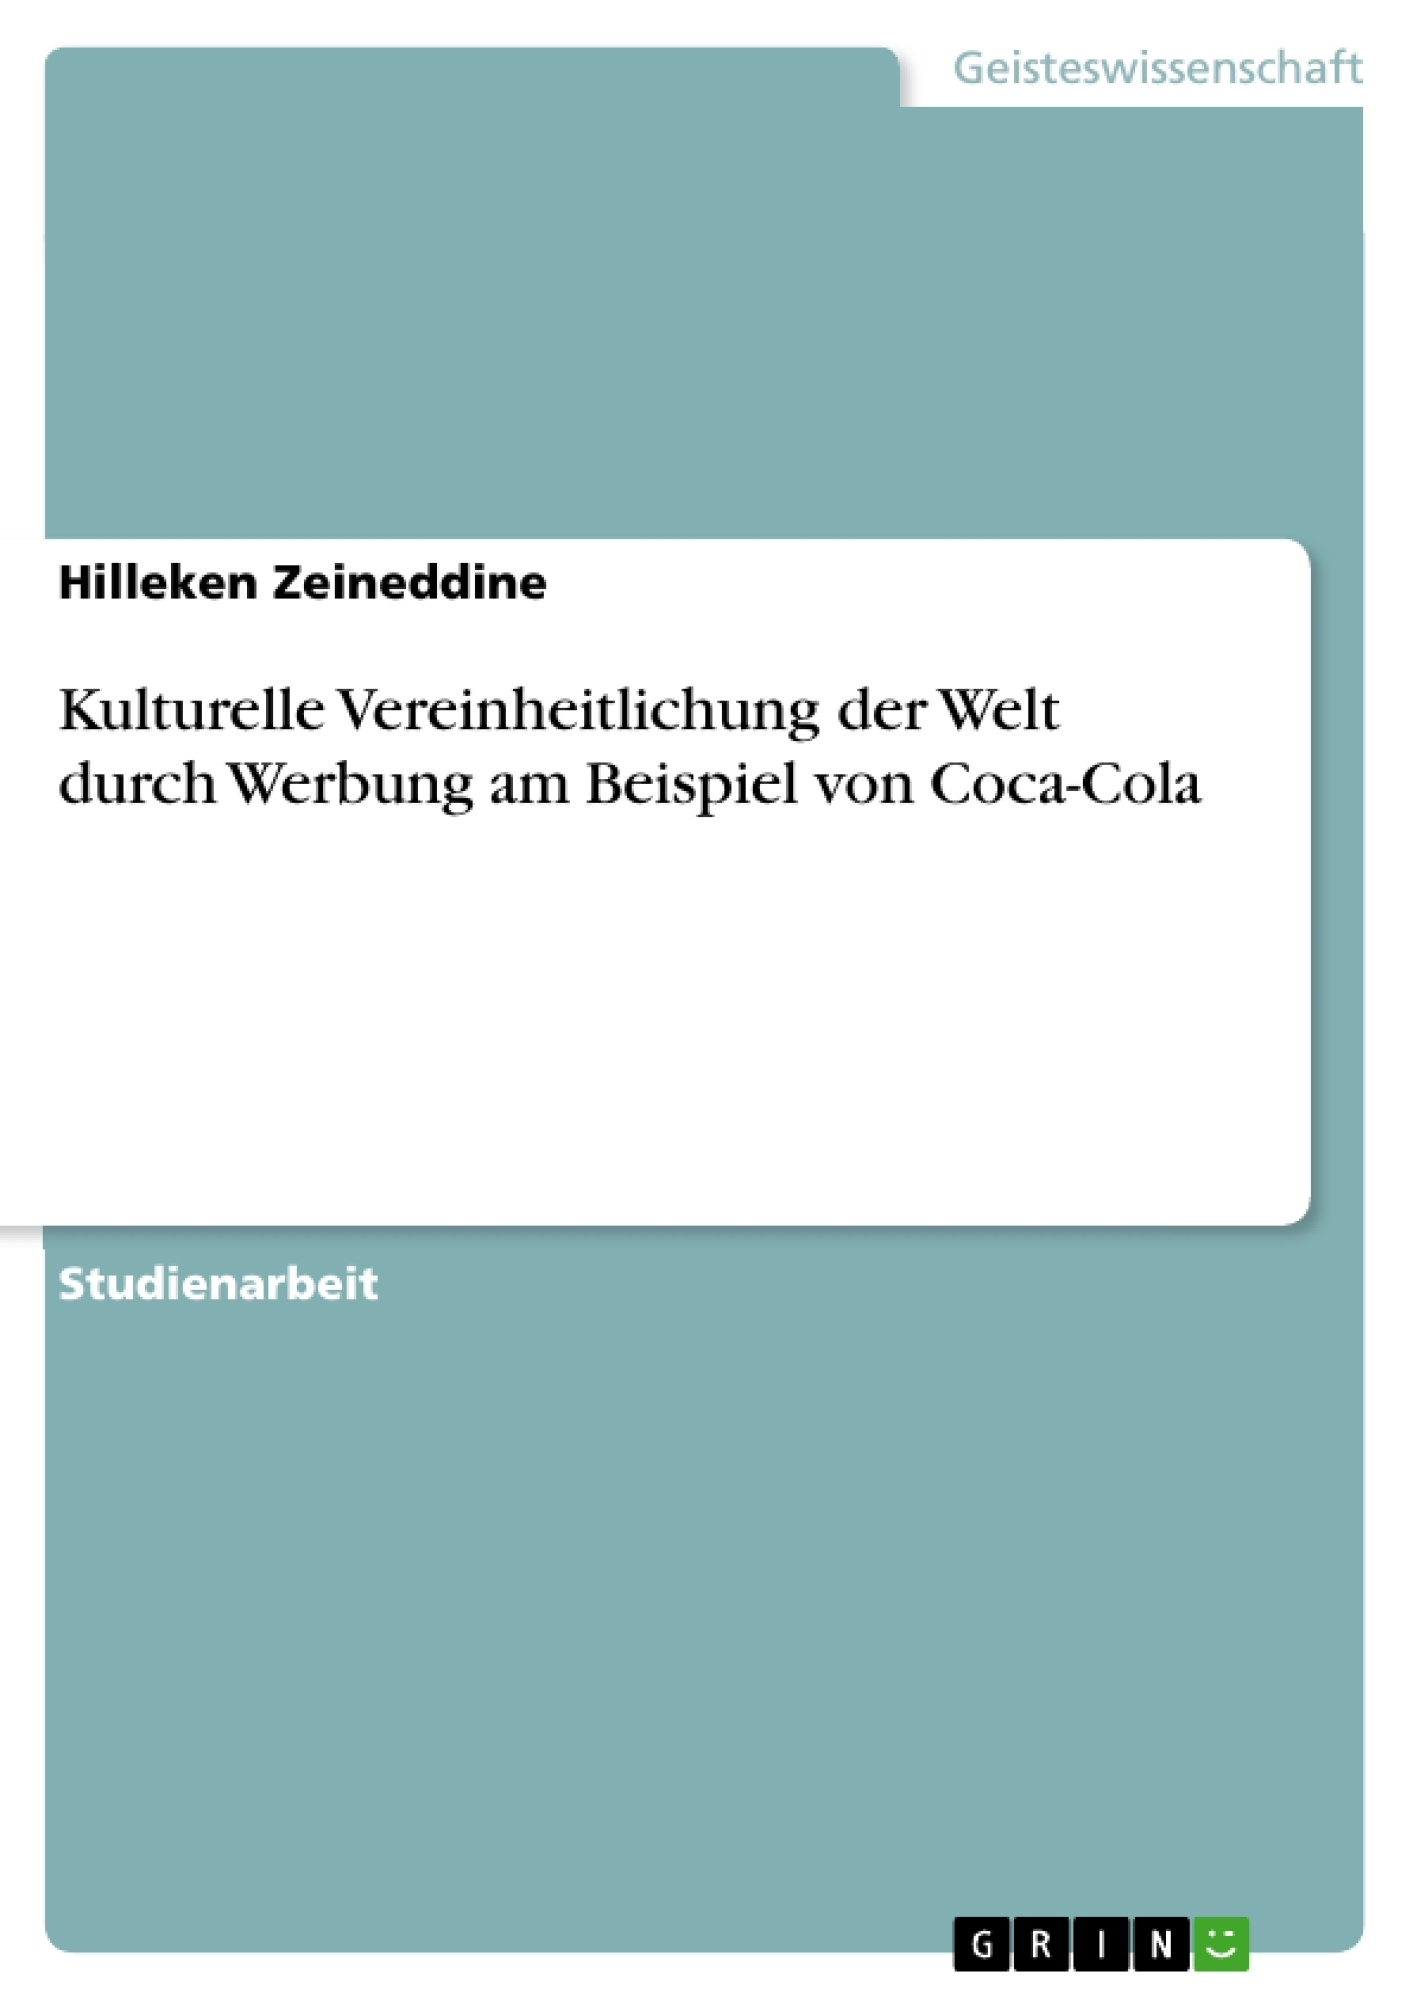 Titel: Kulturelle Vereinheitlichung der Welt durch Werbung am Beispiel von Coca-Cola